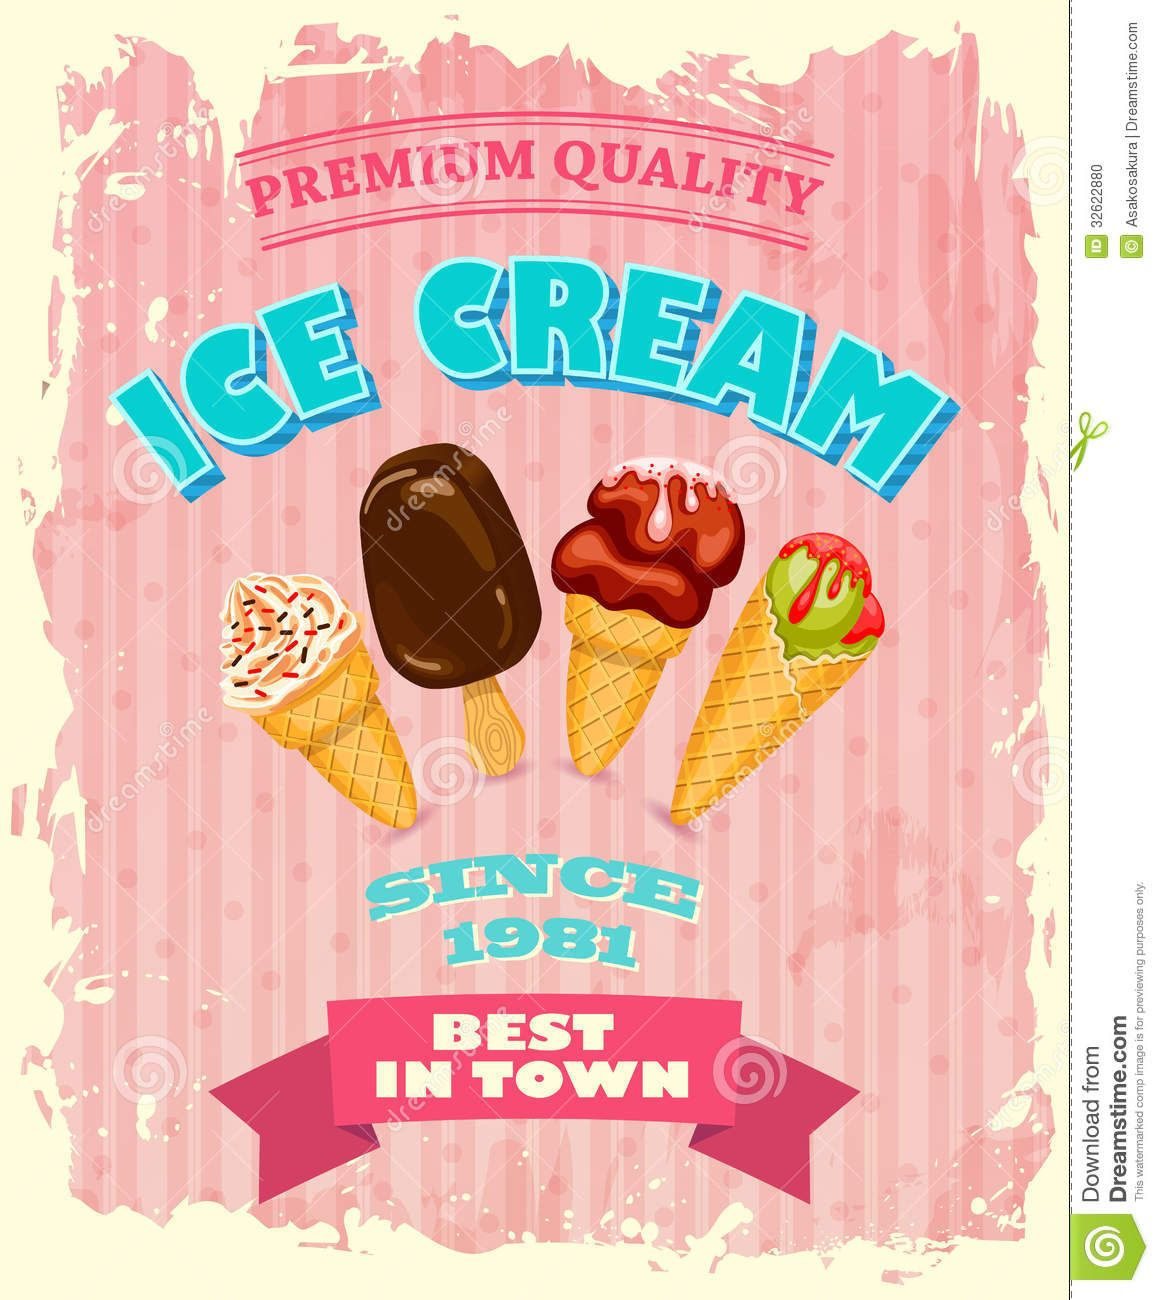 Vintage Ice Cream Posters | Vintage ICE CREAM poster design. This ...